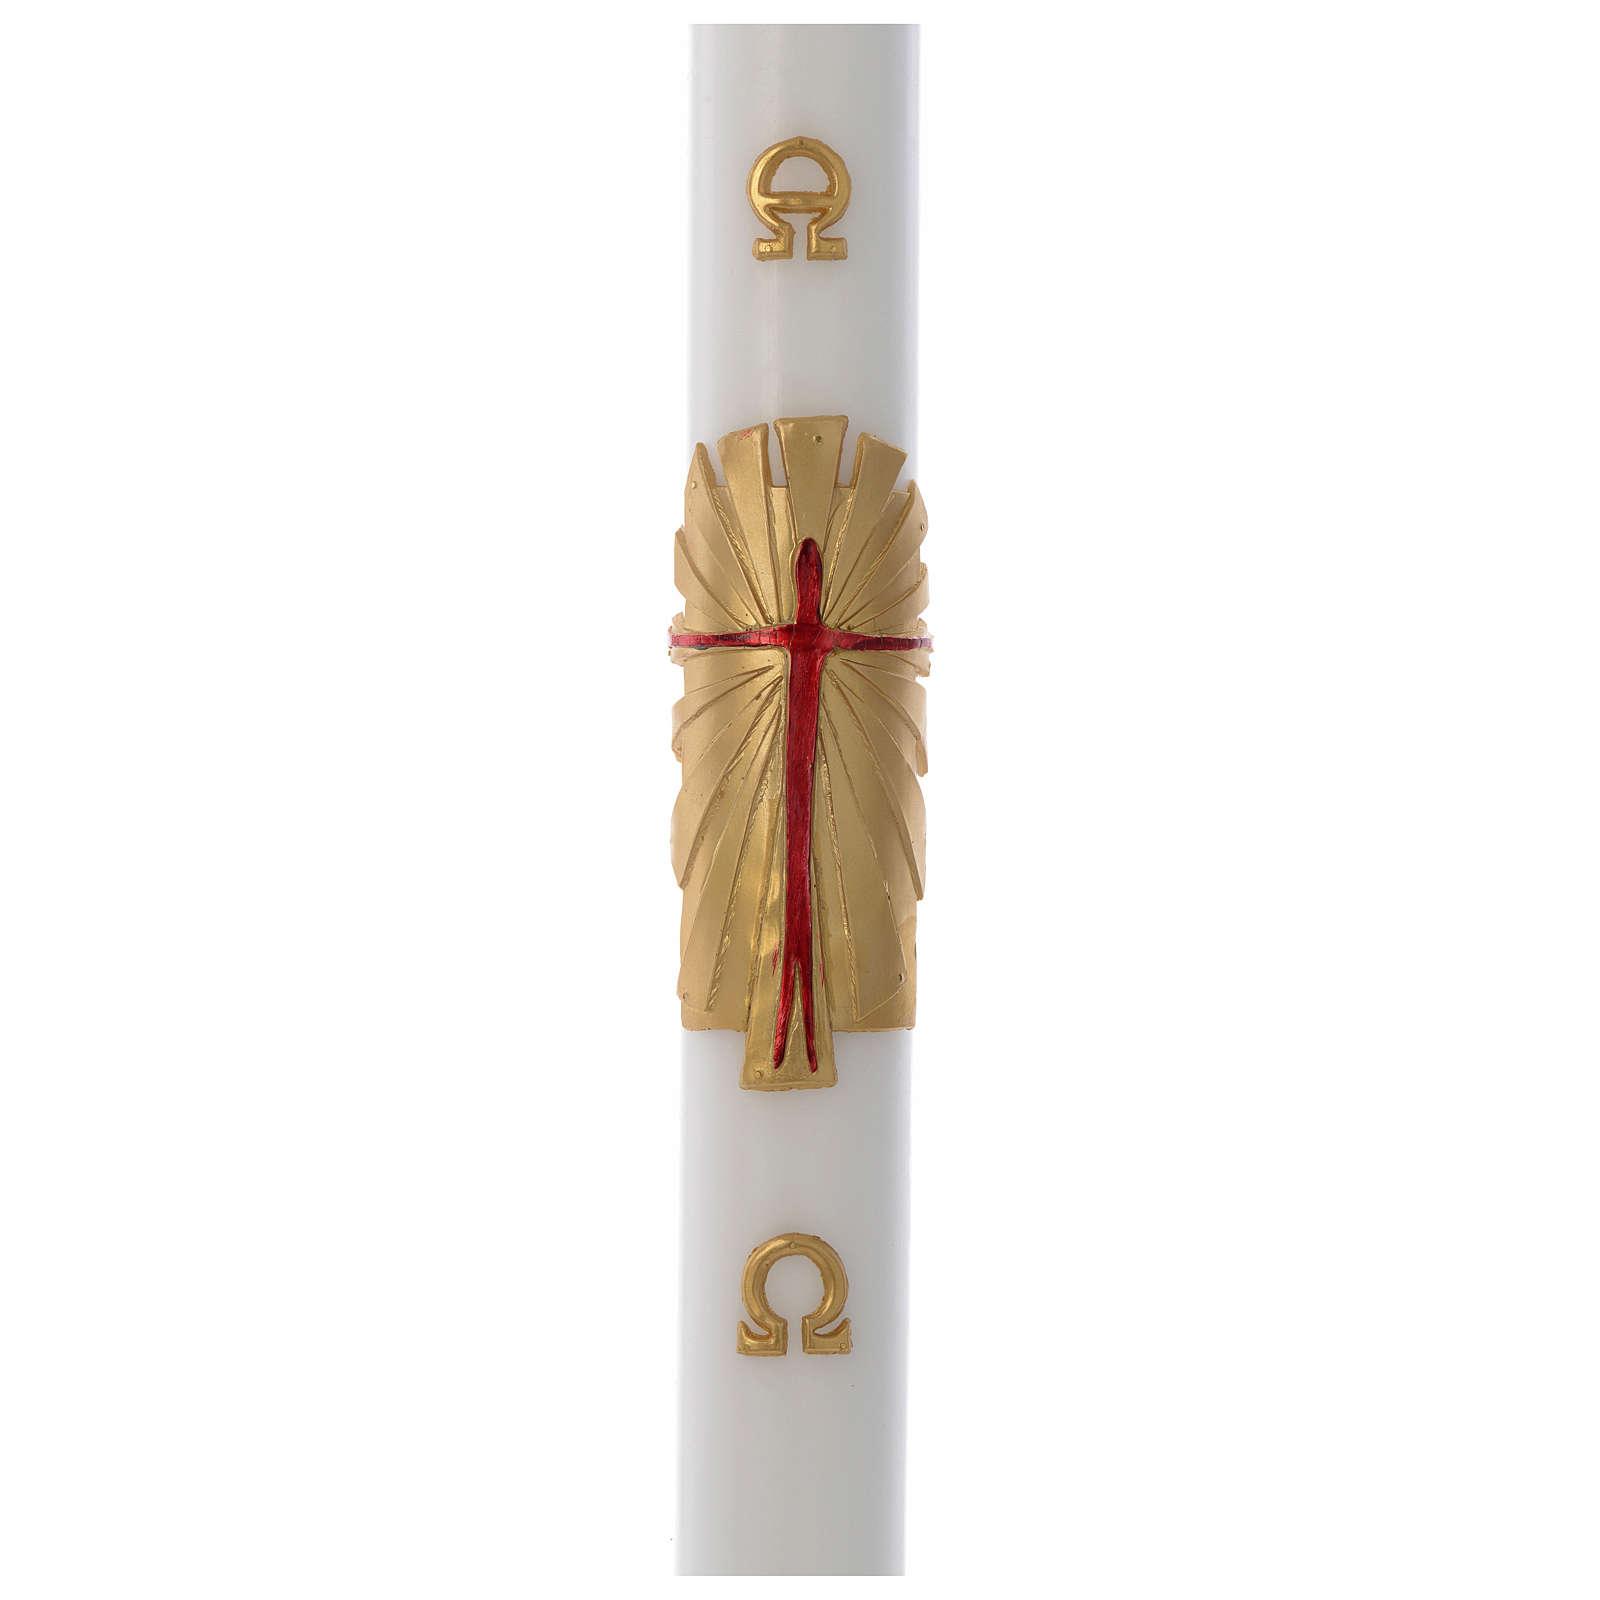 Cero pasquale cera bianca Risorto fondo oro 8x120 cm 3